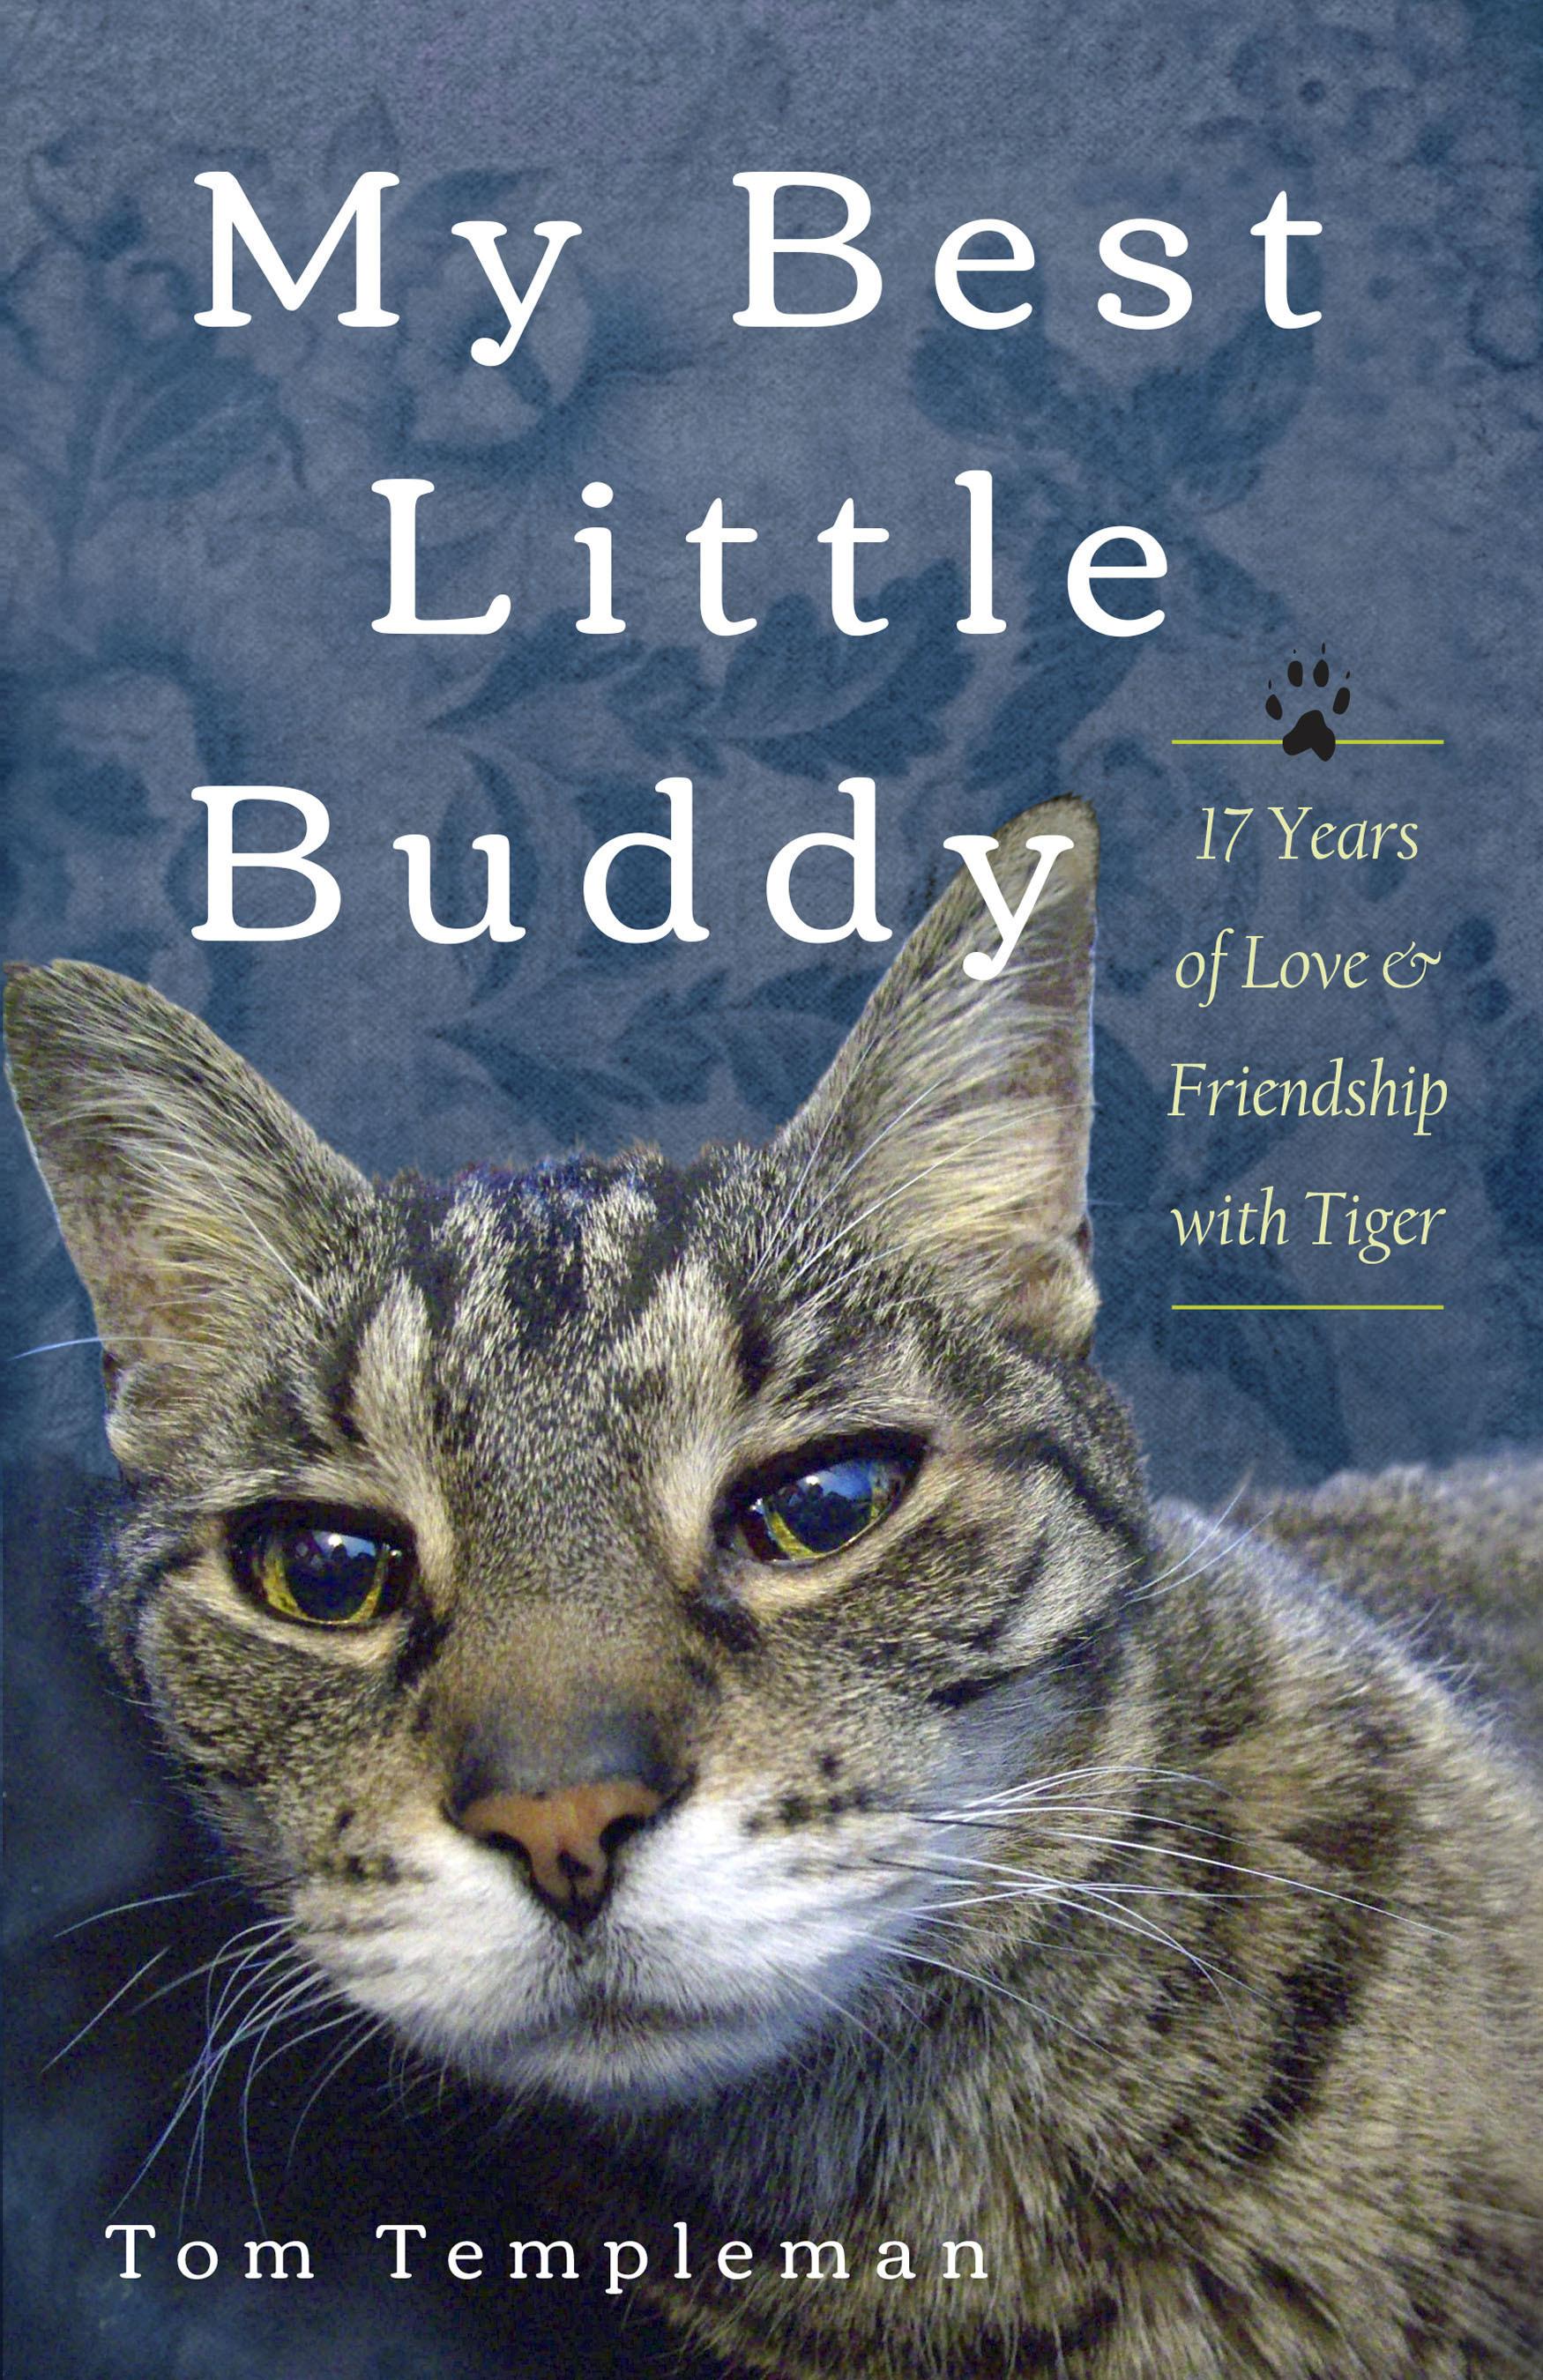 Tom Templeman's book My Best Little Buddy.  (PRNewsFoto/Tom Templeman)